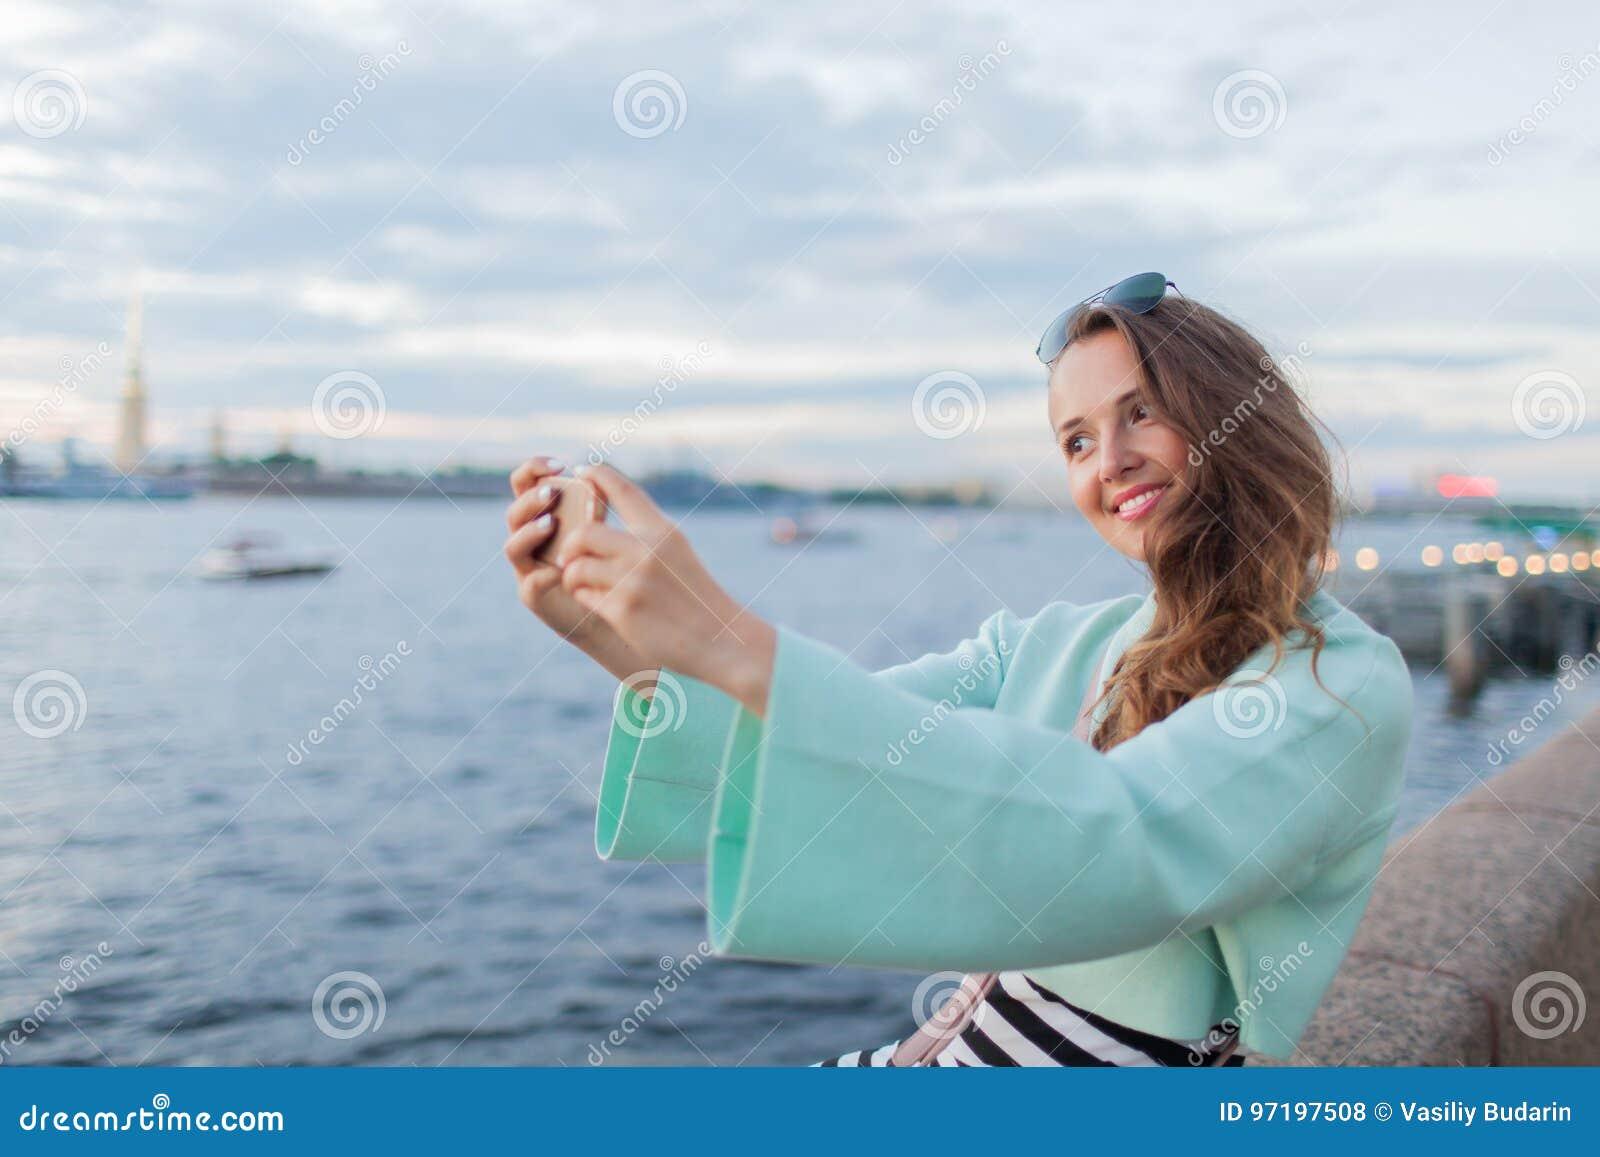 Junges und schönes Mädchen, das auf dem Damm des Flusses sitzt sie betrachtet den Sonnenuntergang und das Nehmen eines selfie an